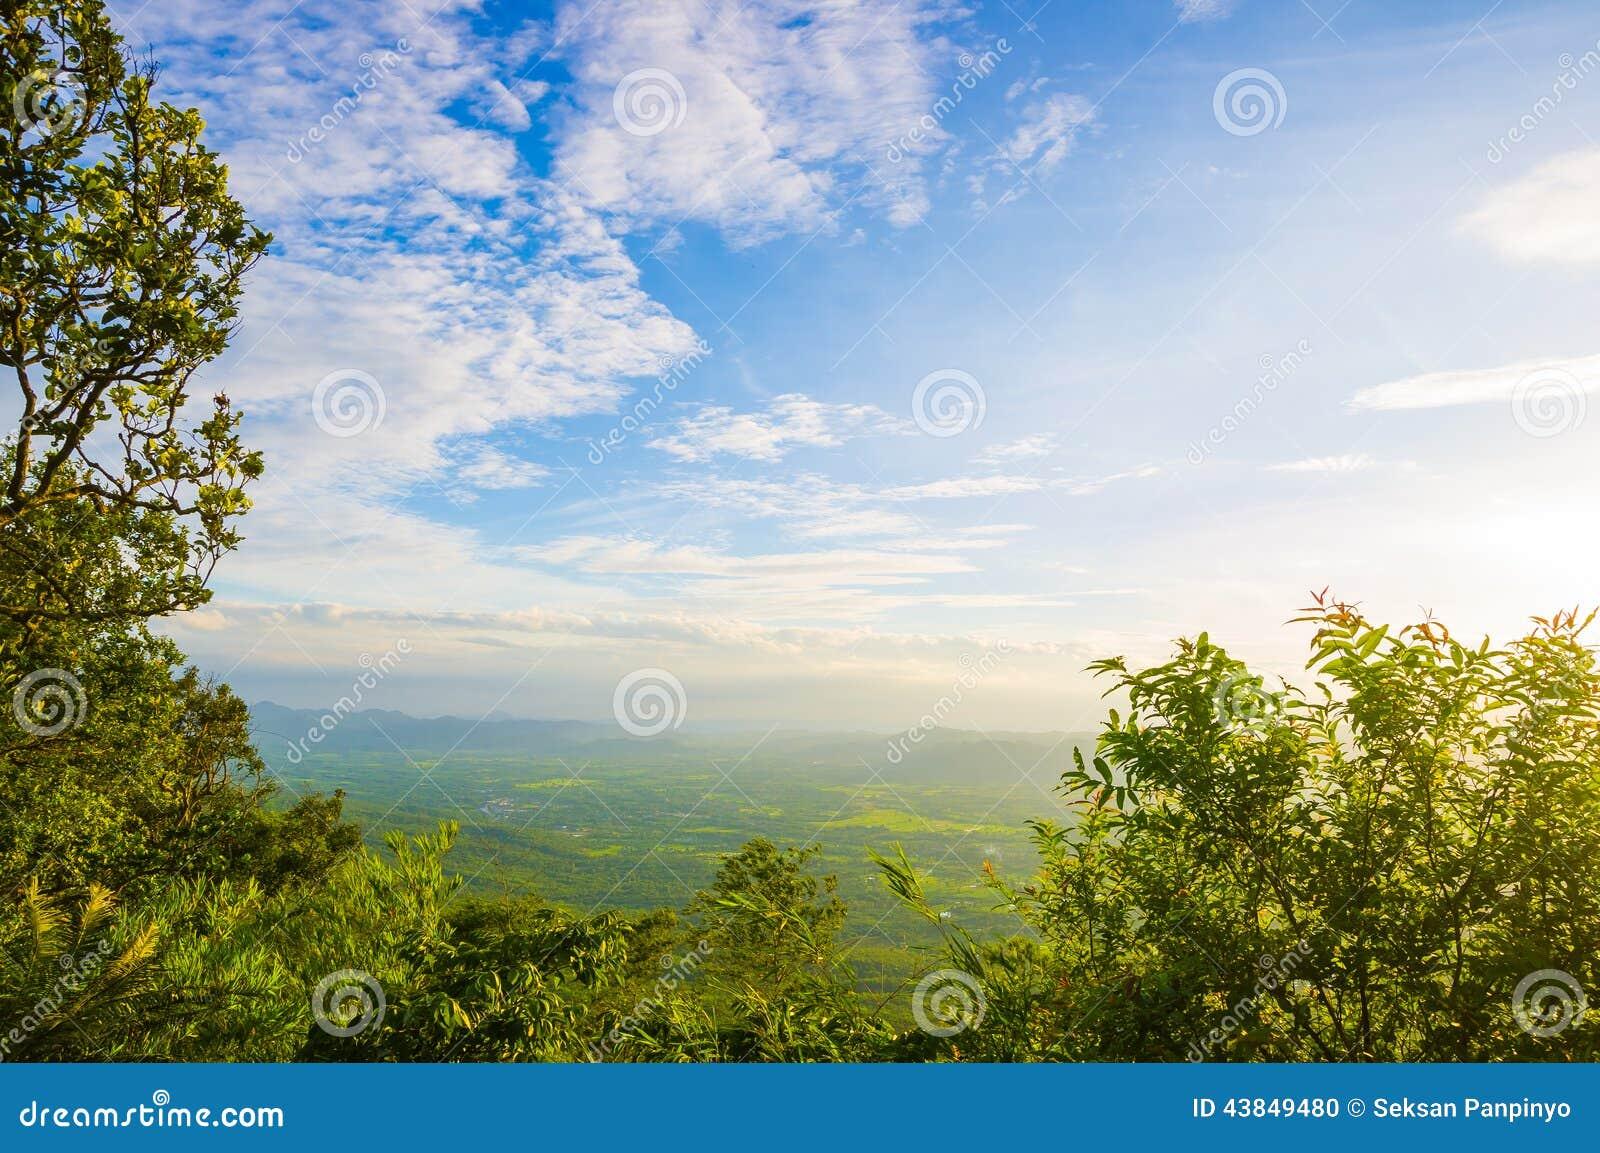 蓝天风景与云彩的 库存照片 - 图片: 43849480图片